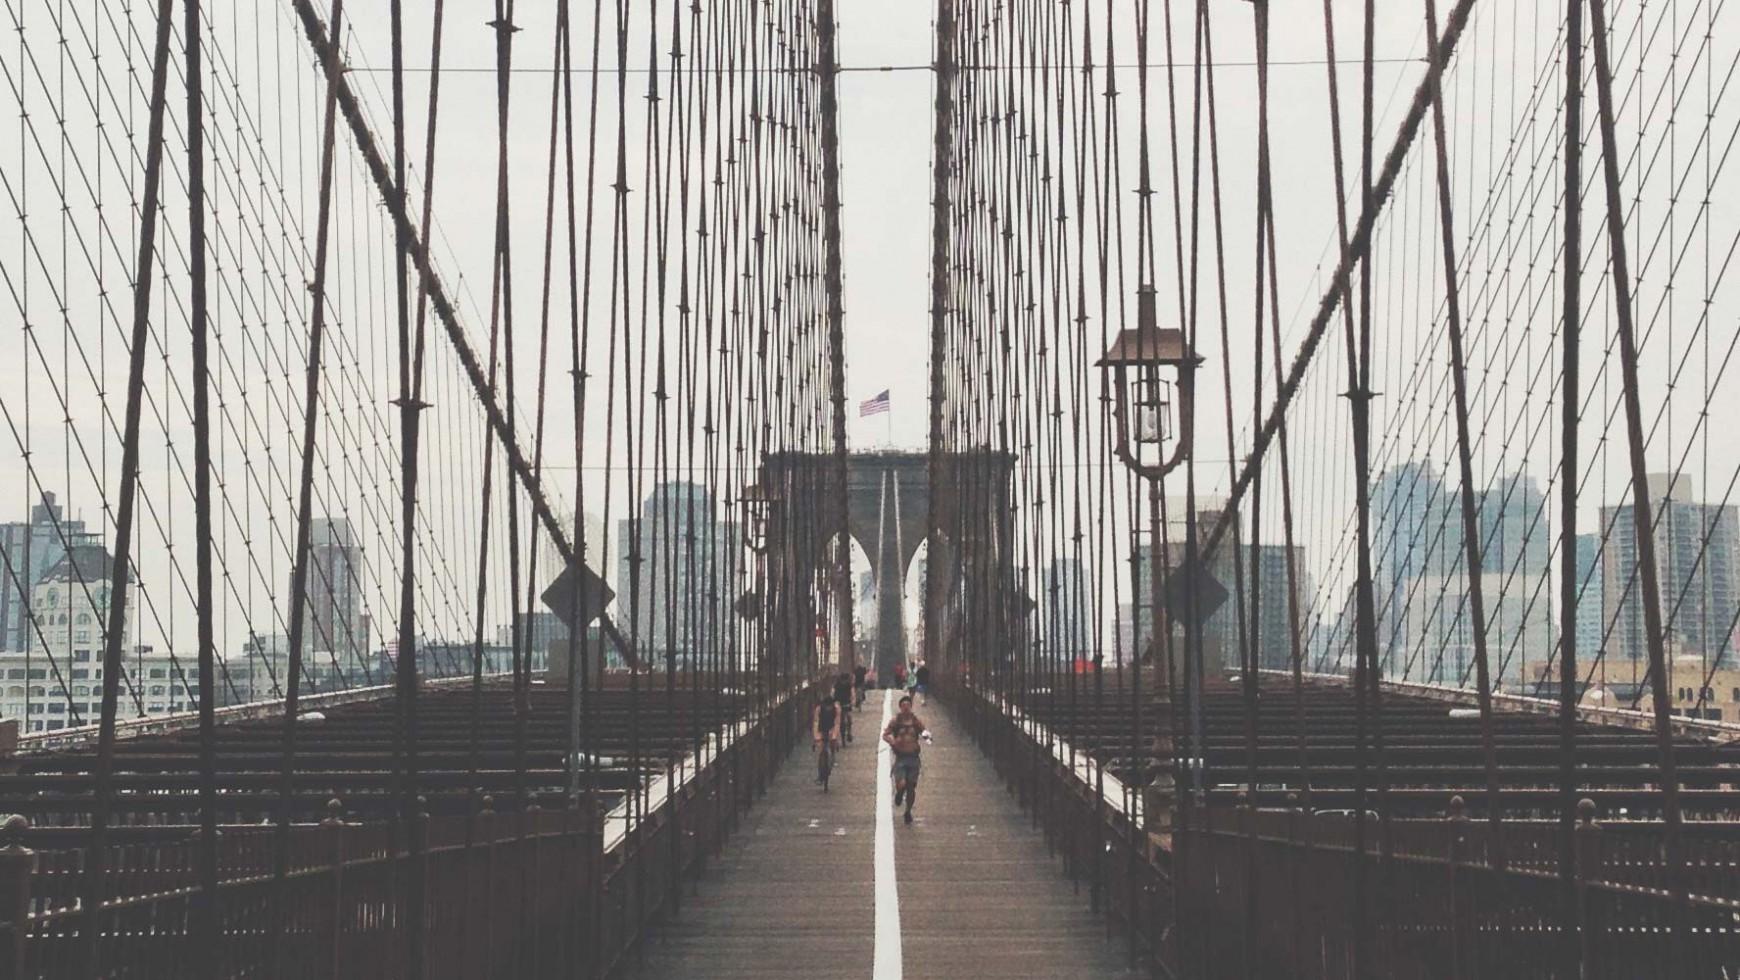 Heidis Bericht zum NYC Marathonerlebnis